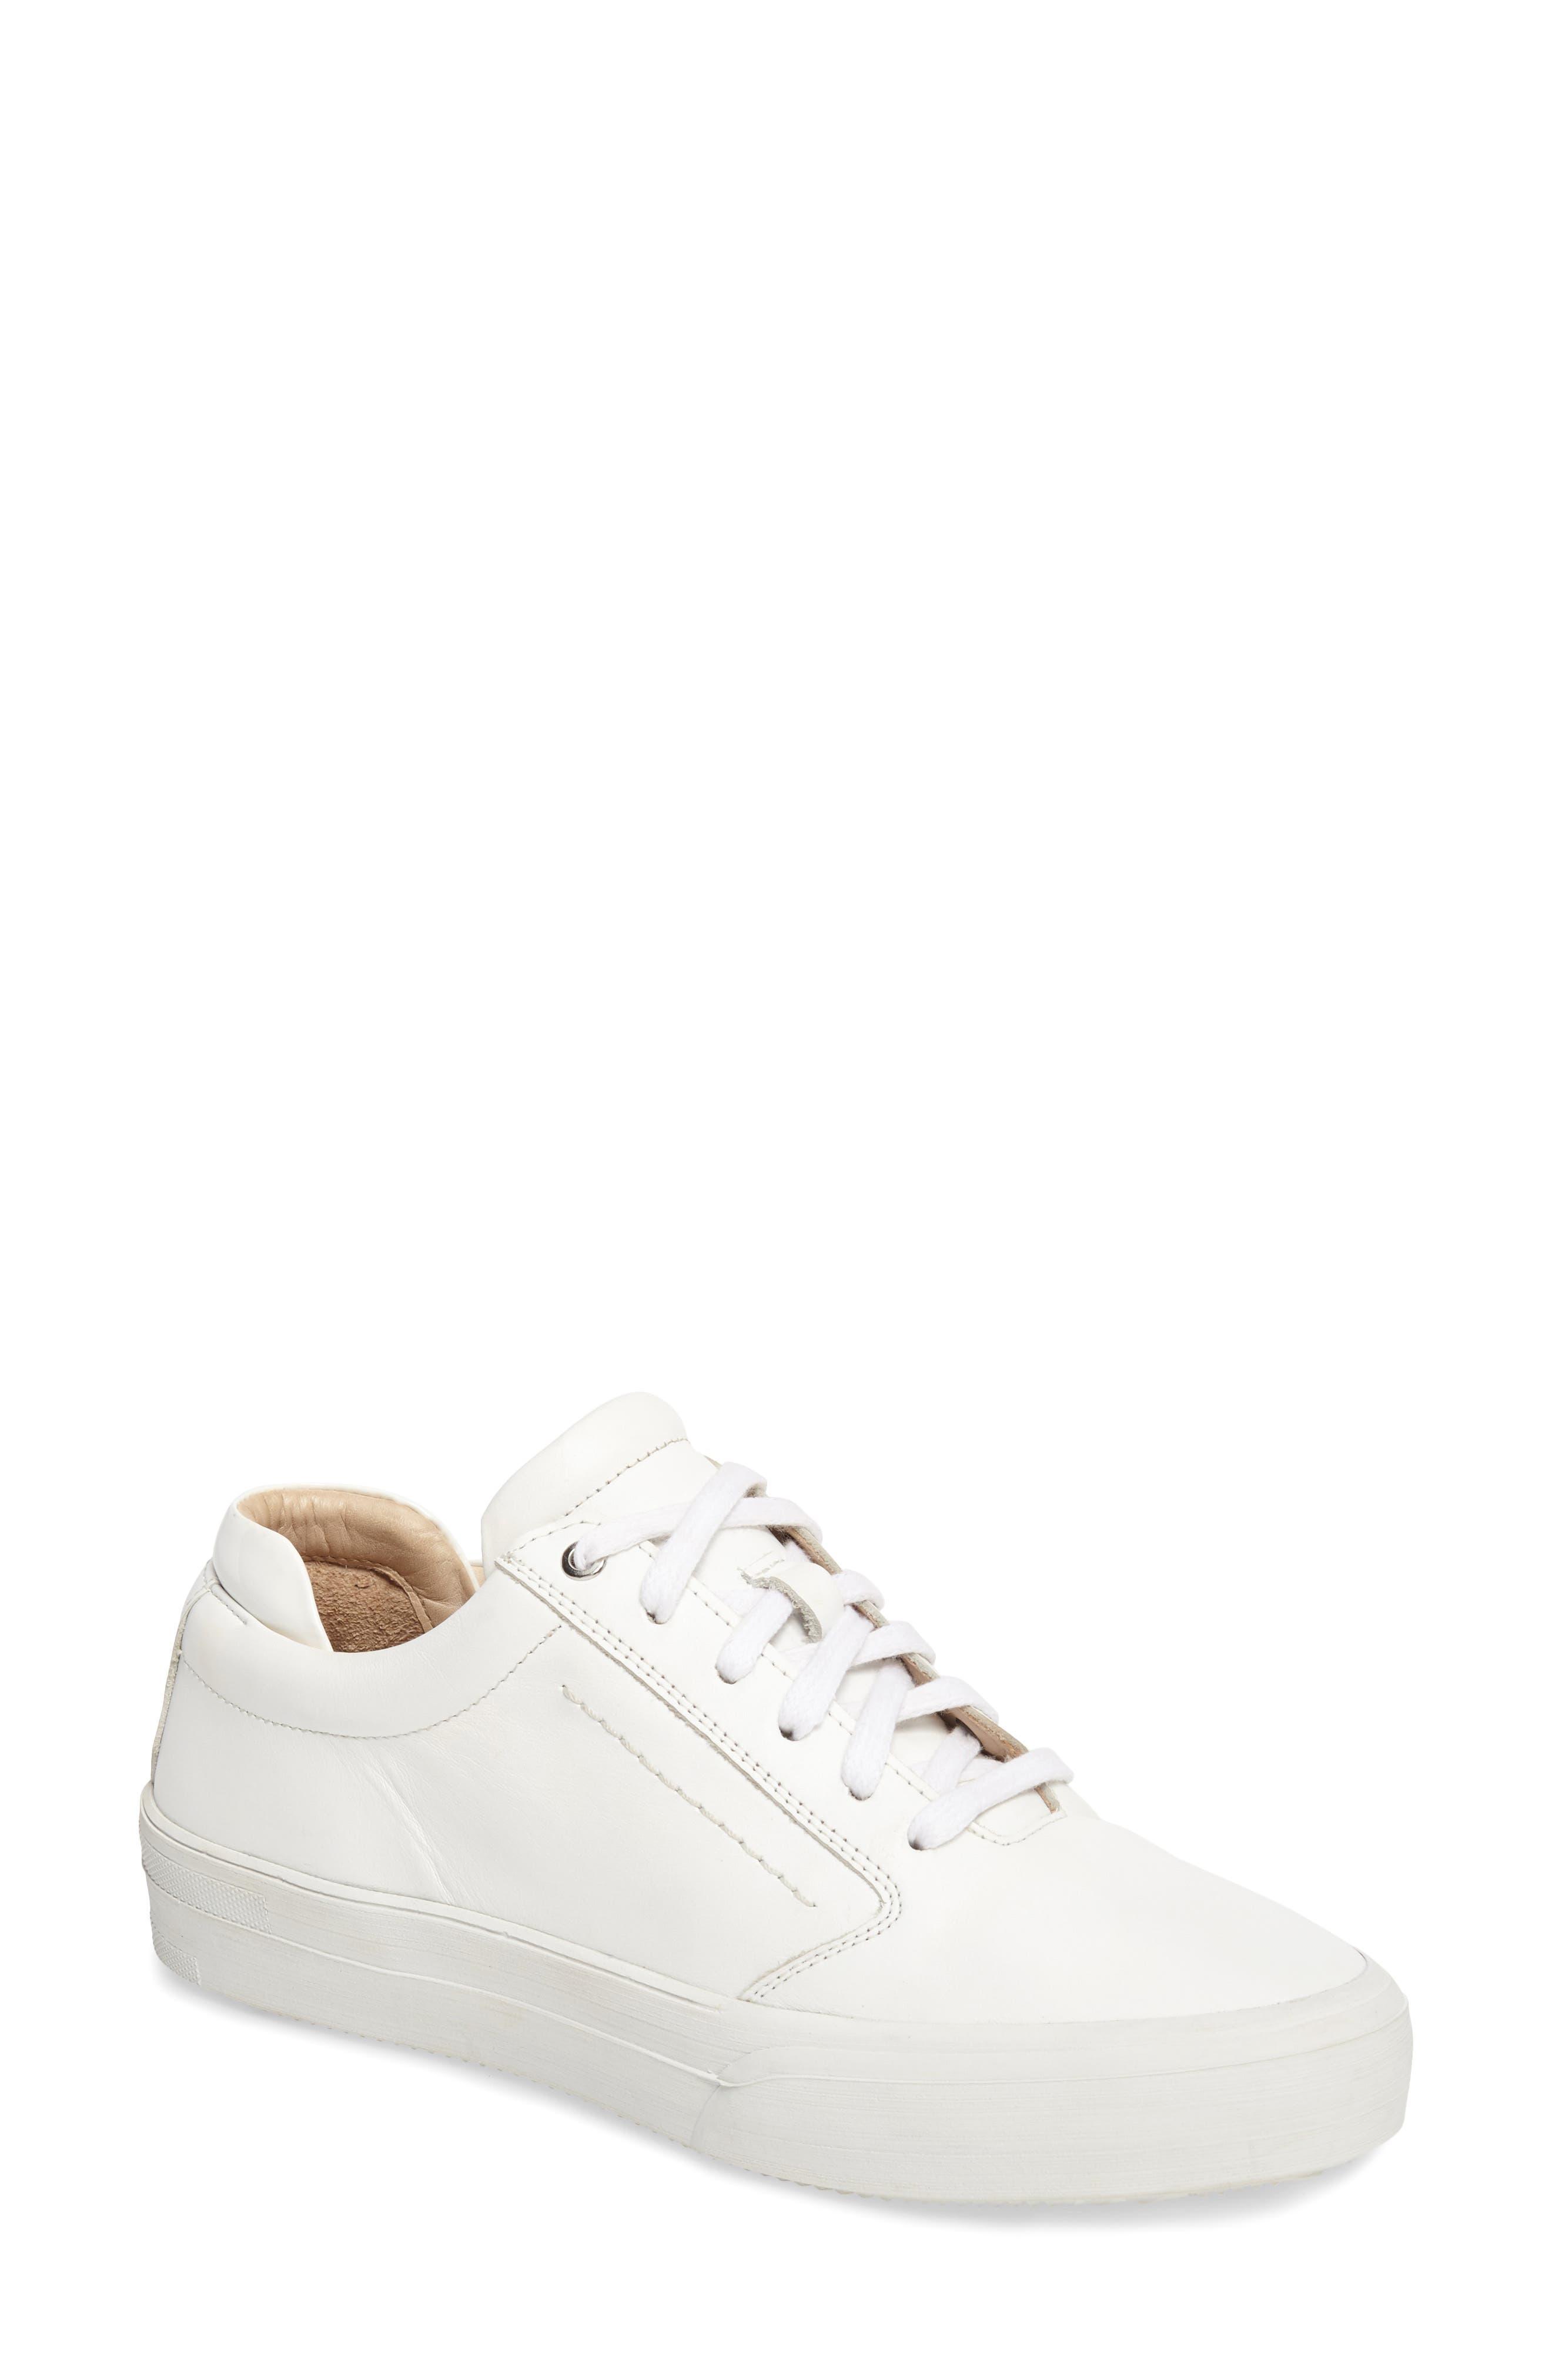 Lalibela Sneaker,                             Main thumbnail 1, color,                             White/Patent White